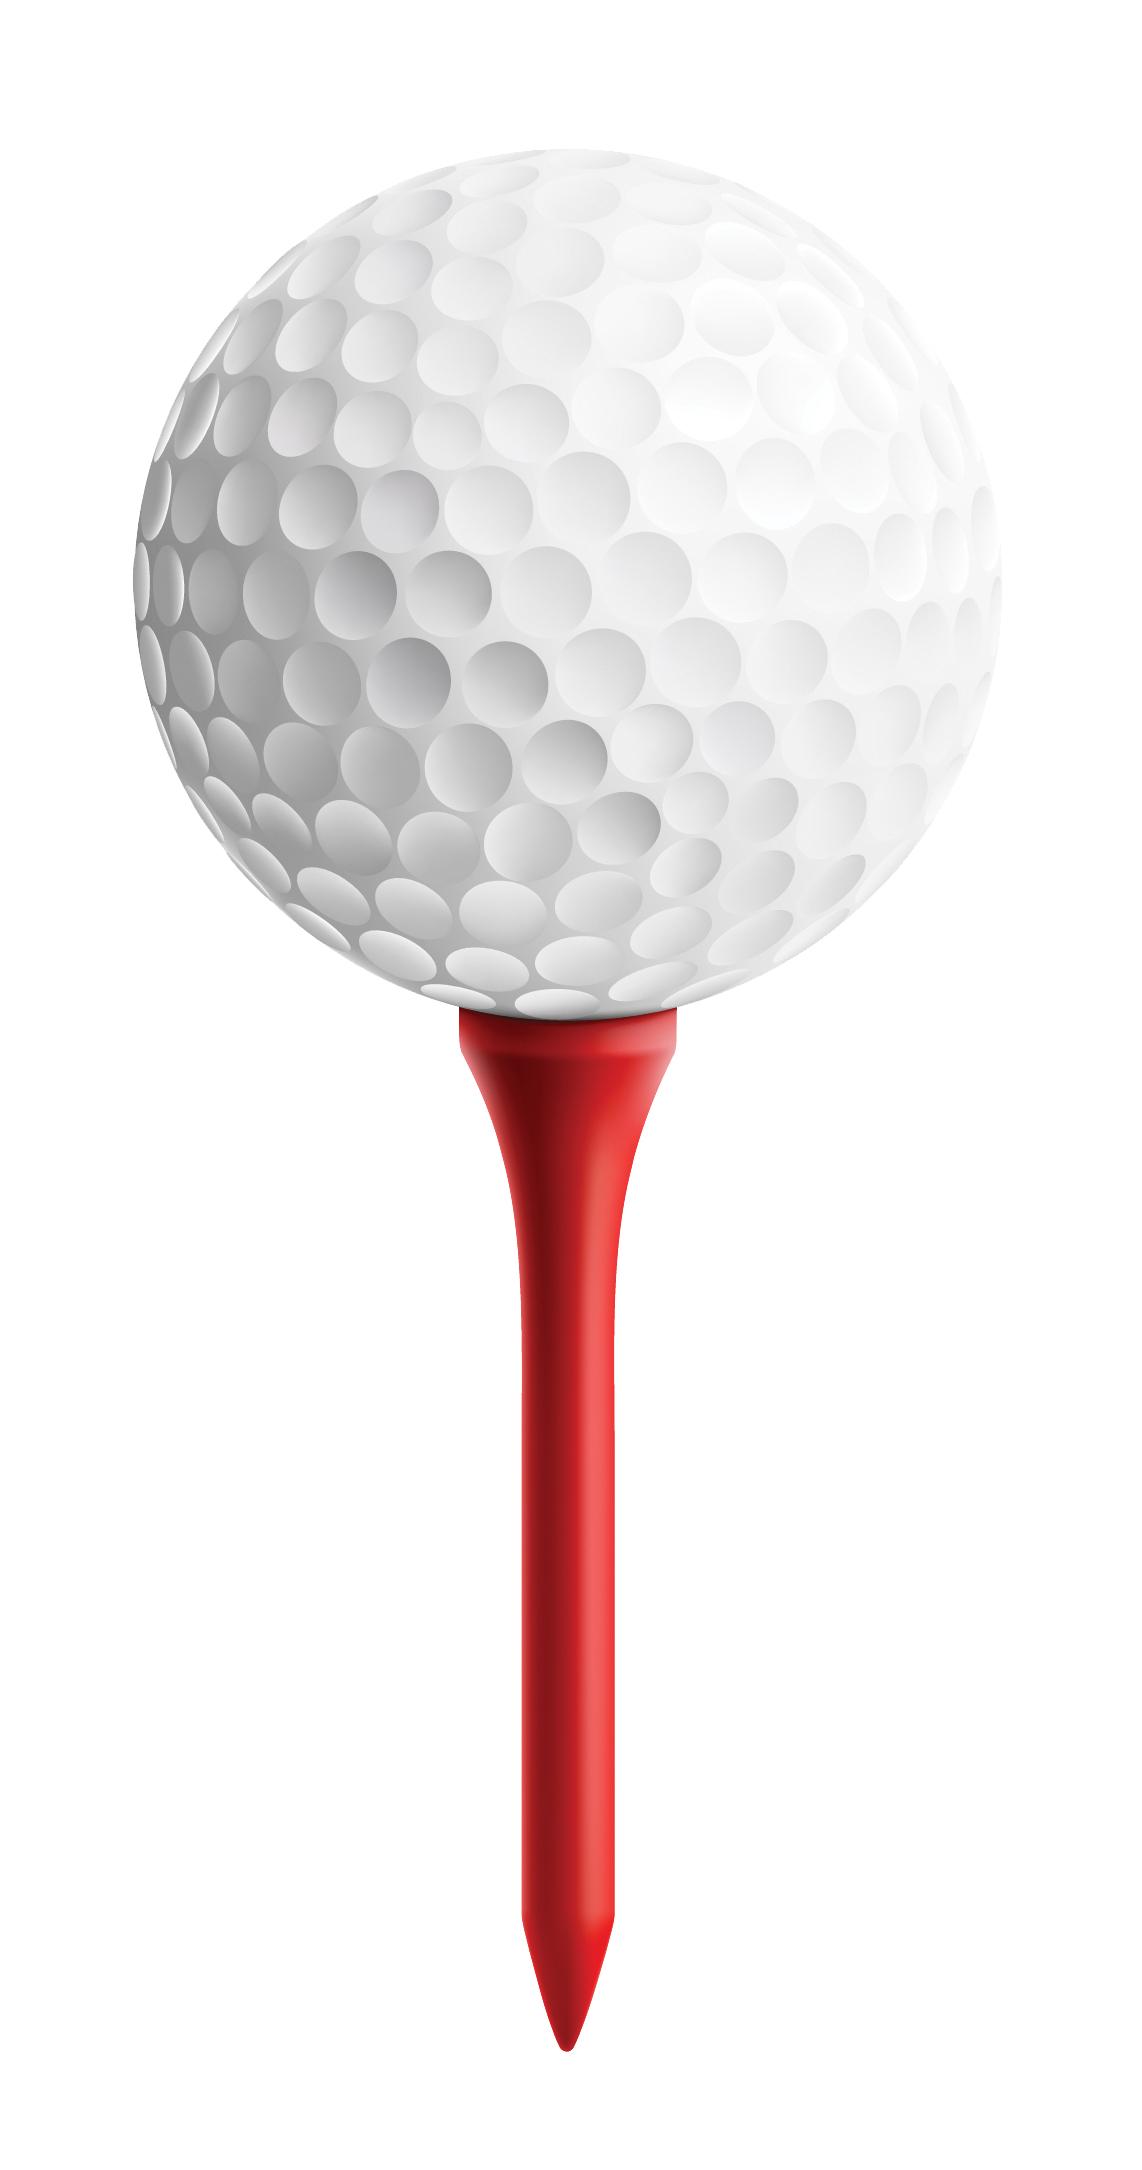 104+ Golf Tee Clip Art.